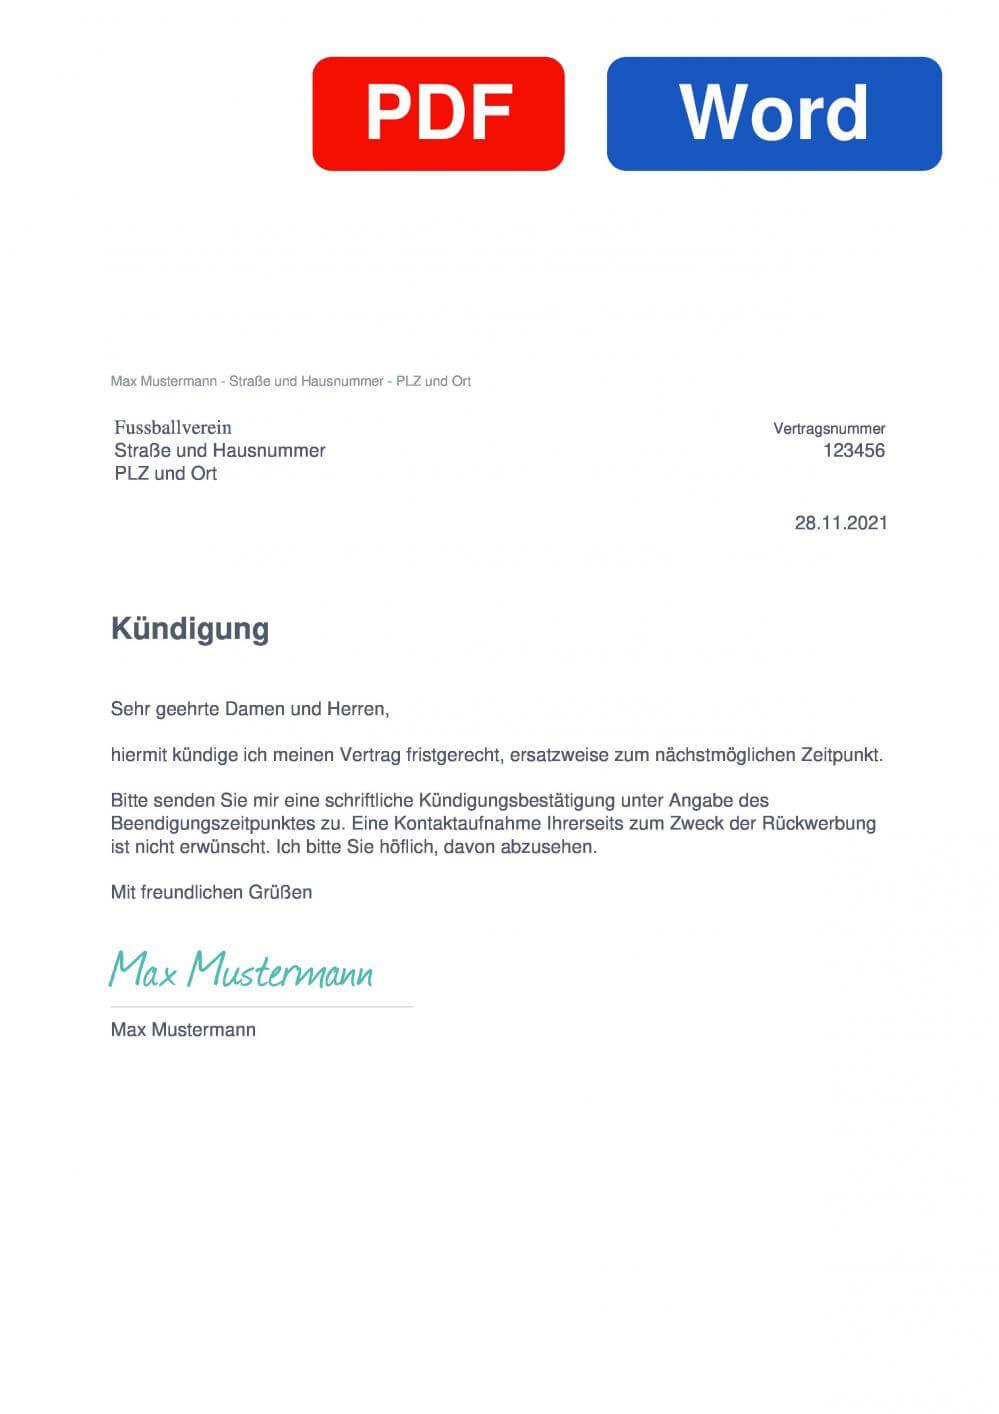 Fussballverein Muster Vorlage für Kündigungsschreiben